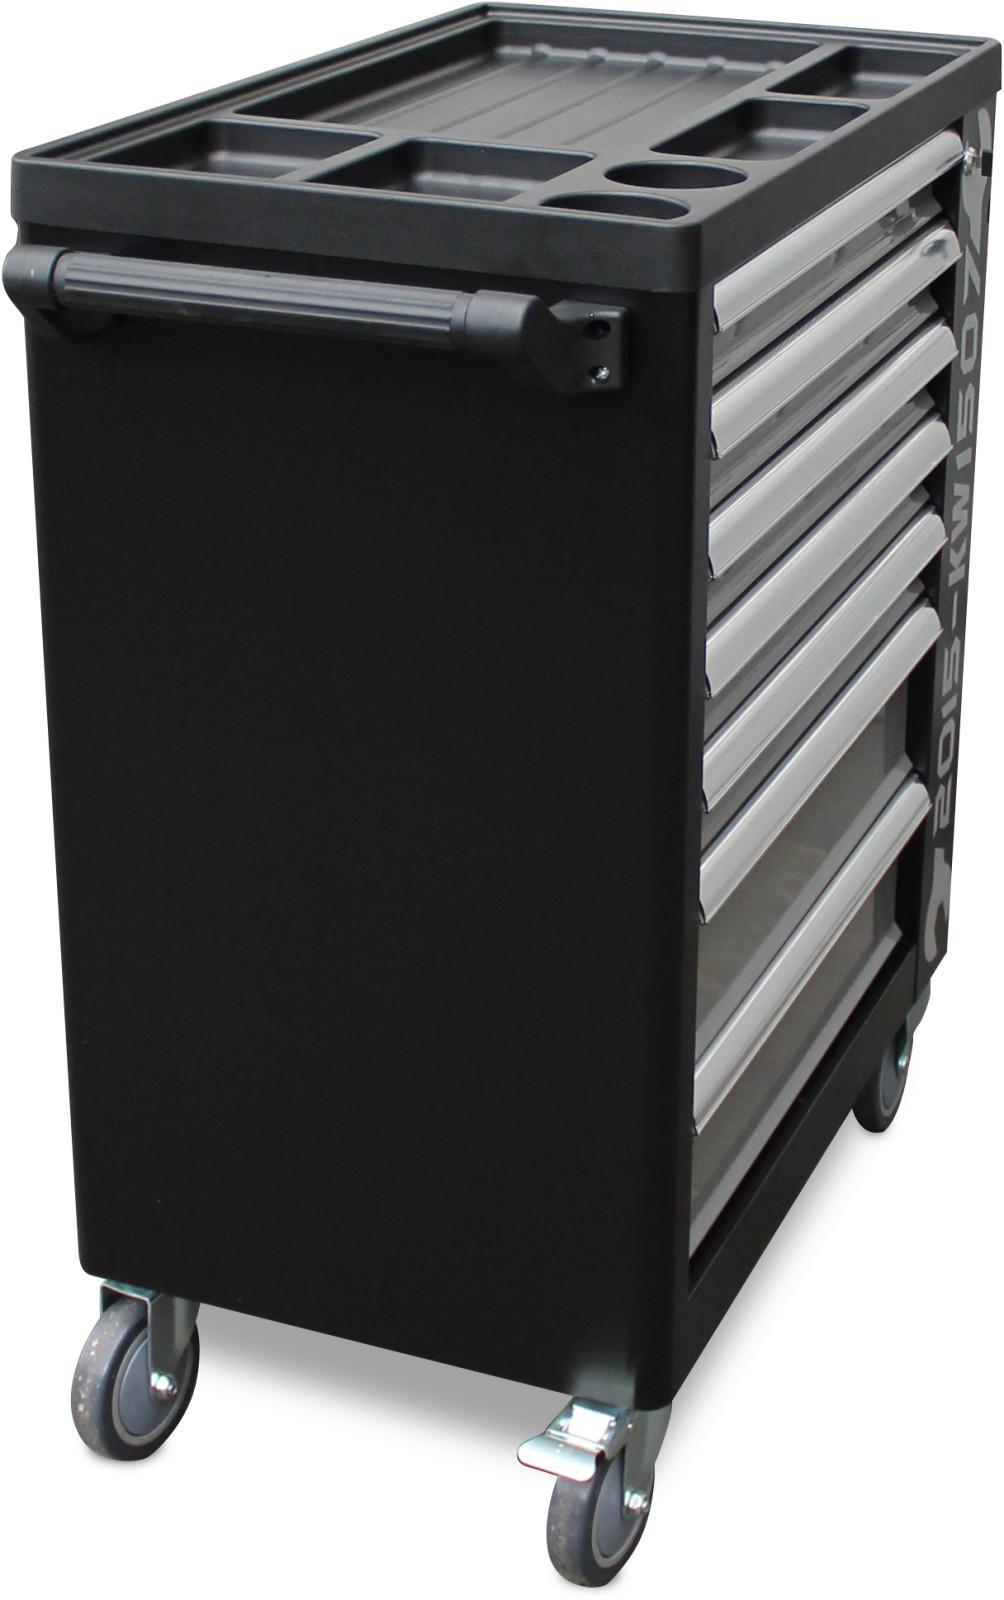 werkstattwagen inkl werkzeug werkzeugkiste werkzeugwagen werkzeugkasten box. Black Bedroom Furniture Sets. Home Design Ideas